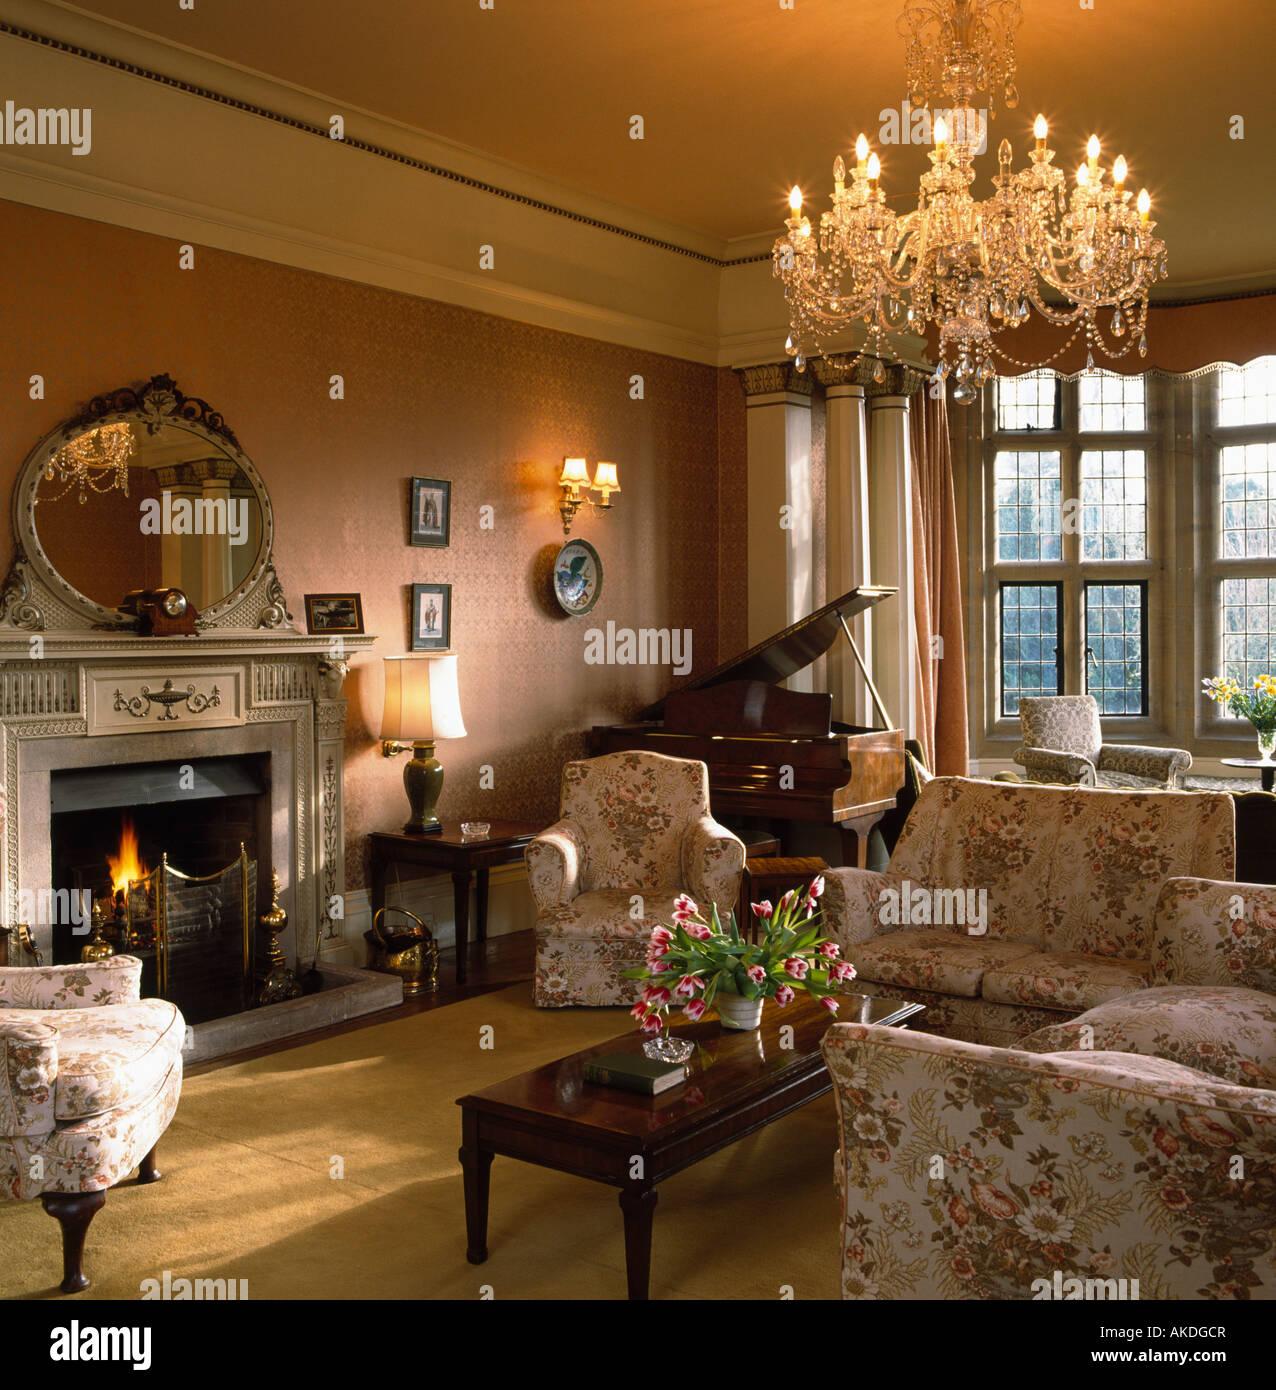 Foto Di Un Camino Acceso lampadario di vetro nel paese soggiorno con piano in un